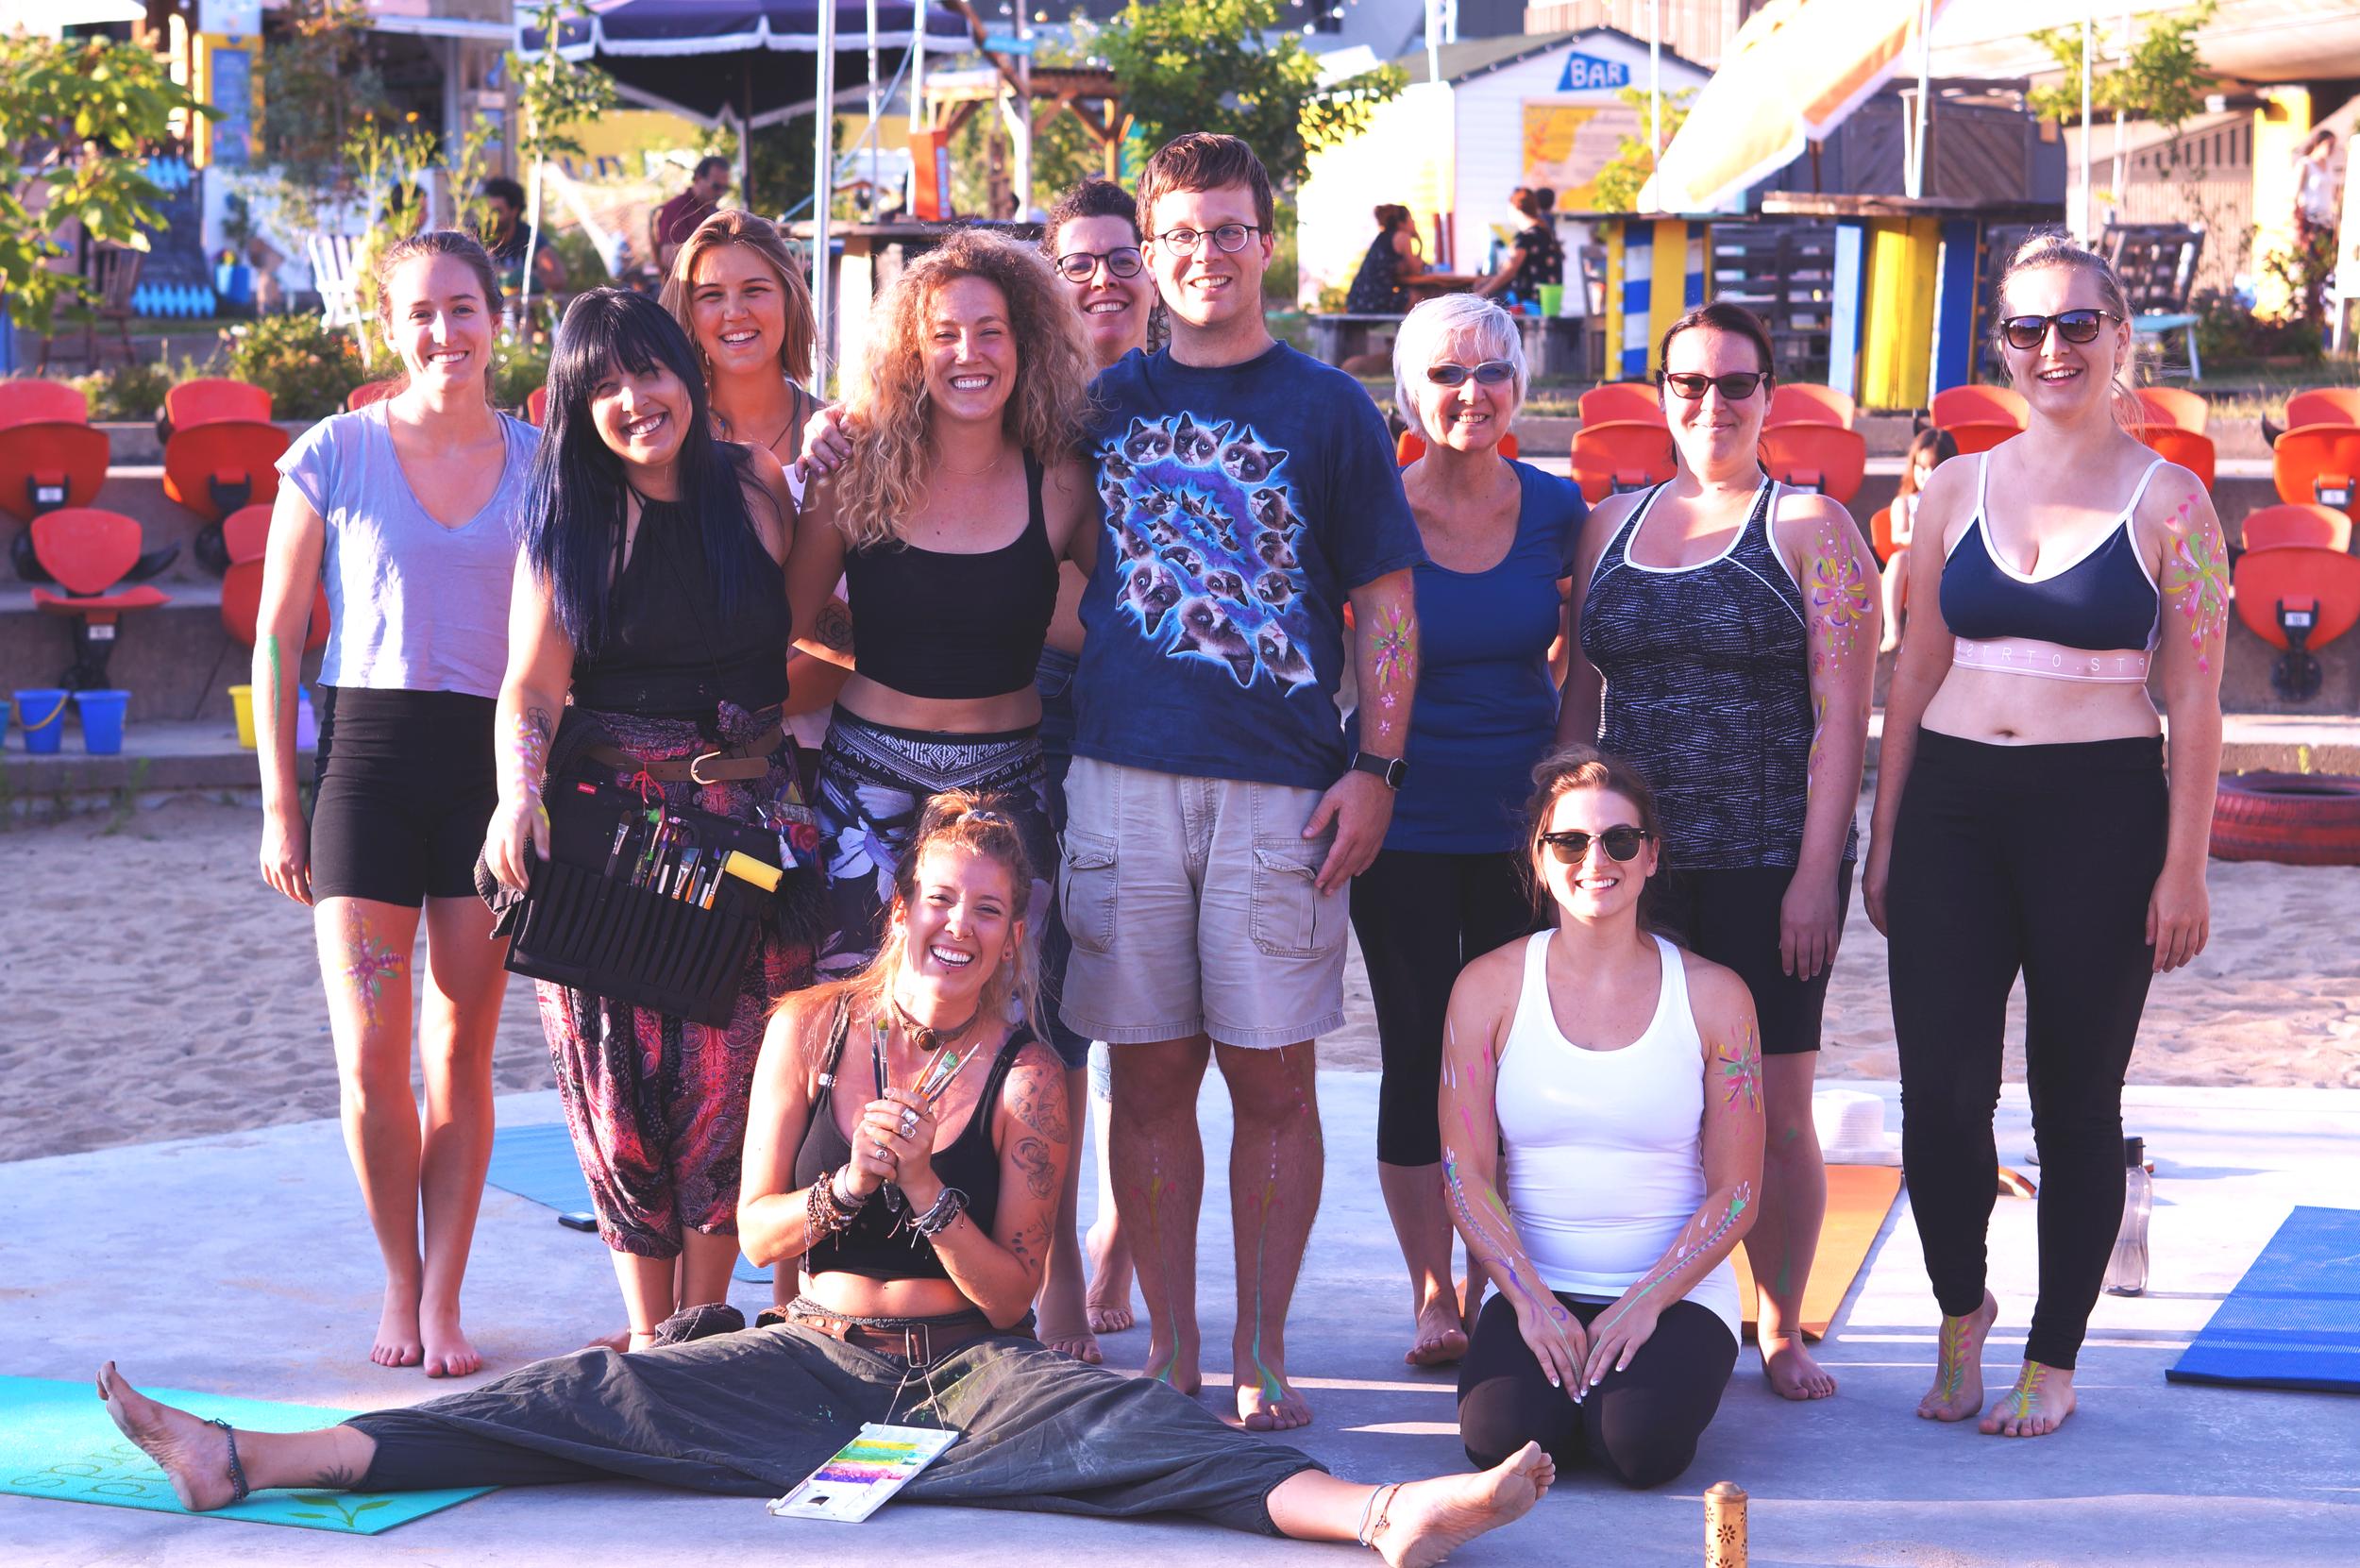 Merci ! - Nous sommes très fières de notre première expérience de Yoga Chromatique. Un gros merci aux participants qui nous ont partagé leur expérience et leur énergie !